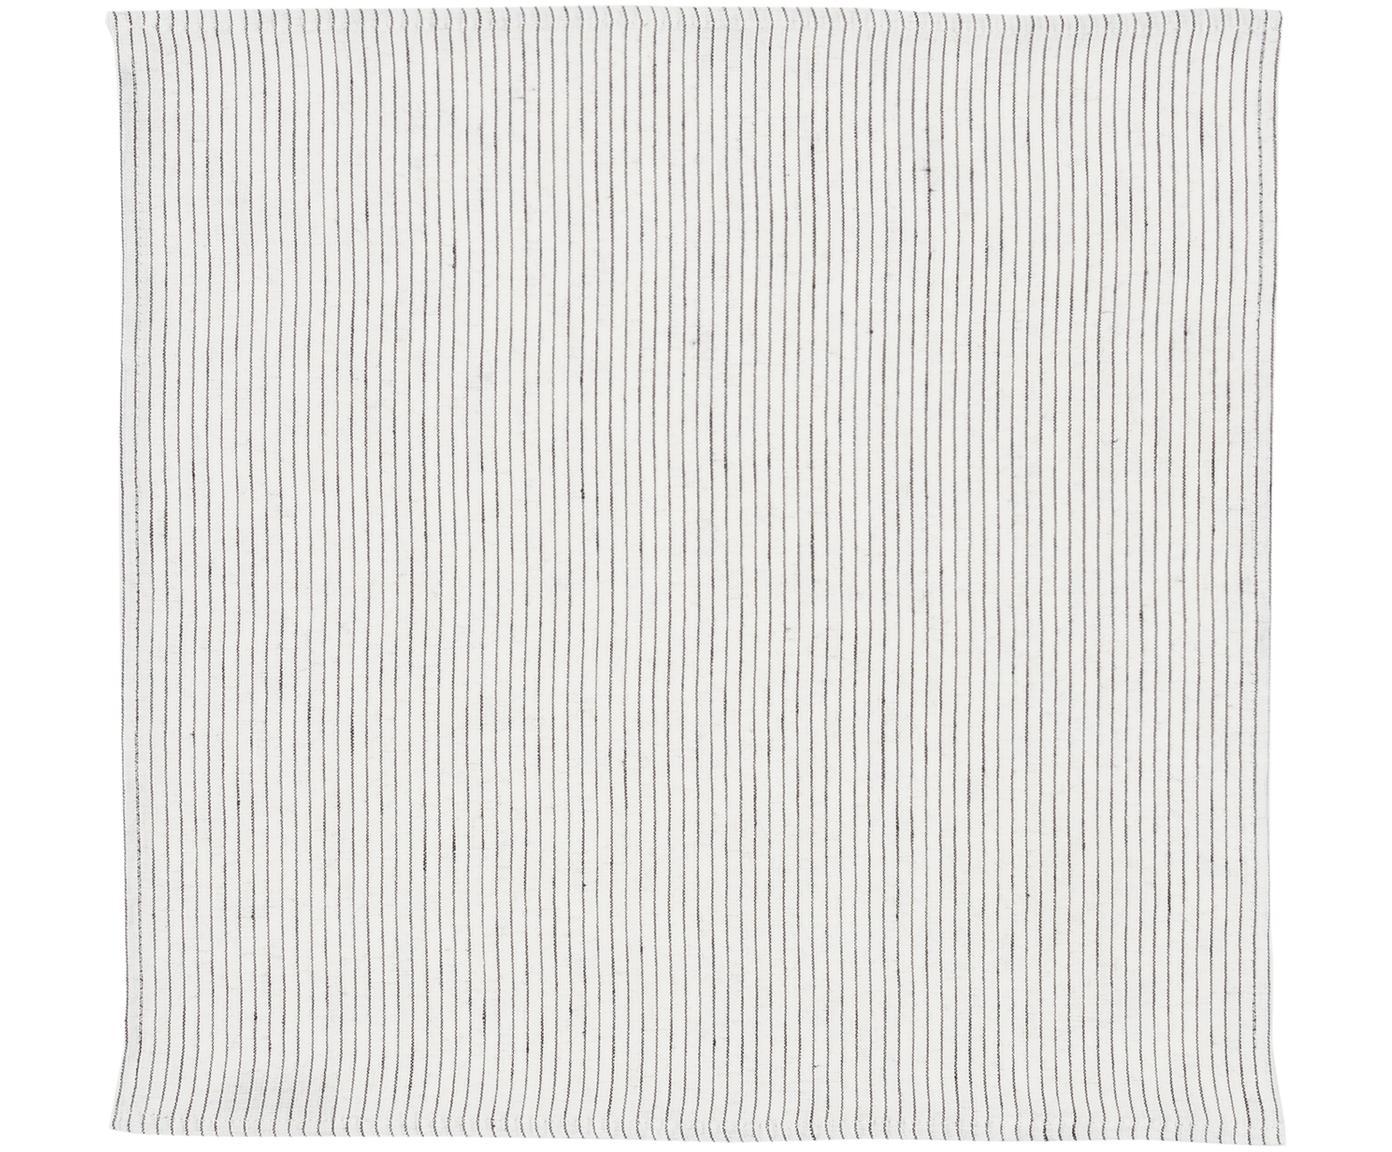 Leinen-Servietten Svete, 6 Stück, Cremeweiss , Schwarz, 43 x 43 cm